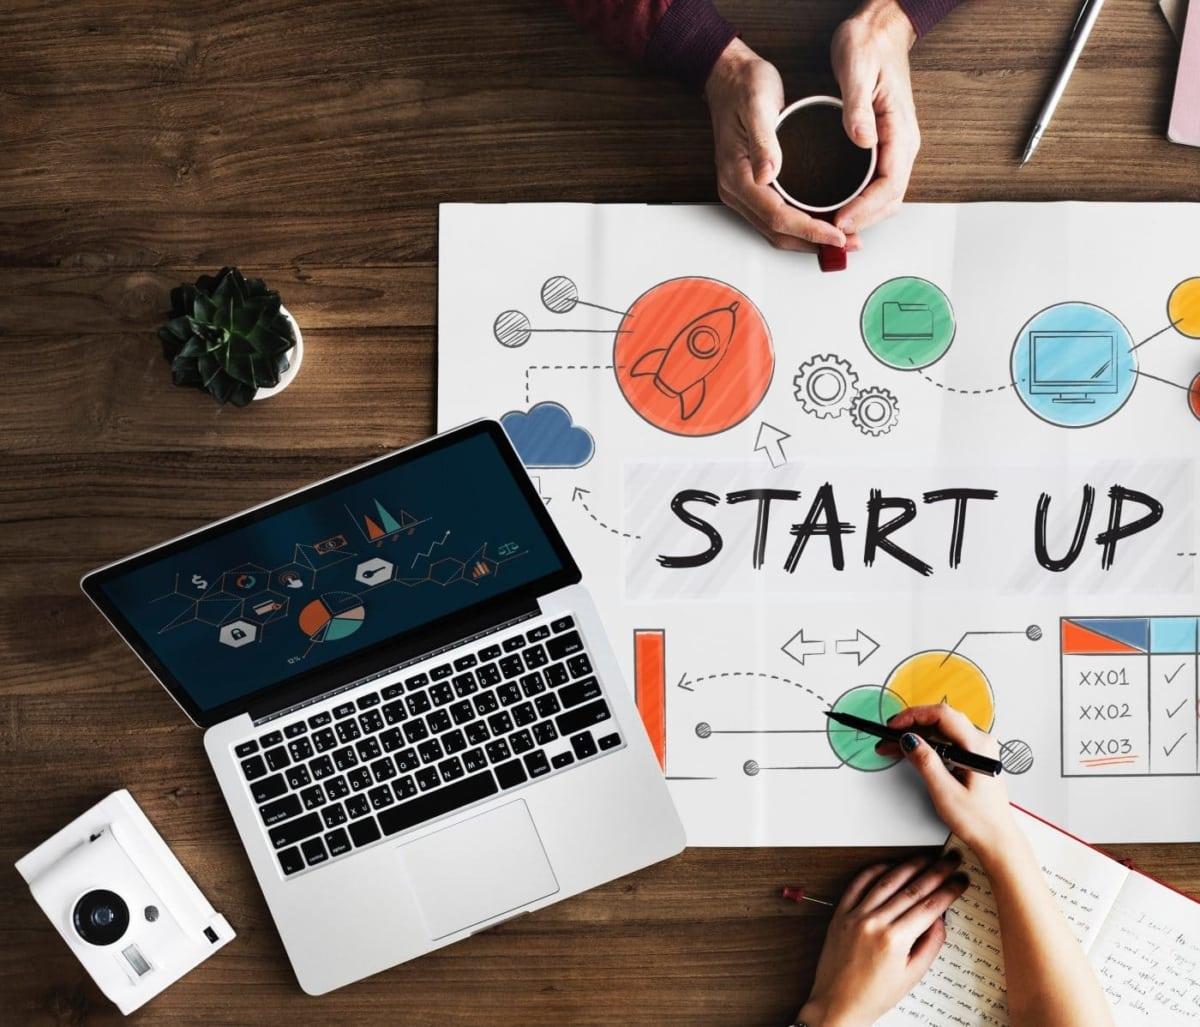 5 ιδέες για να ξεκινήσετε δική σας δουλειά